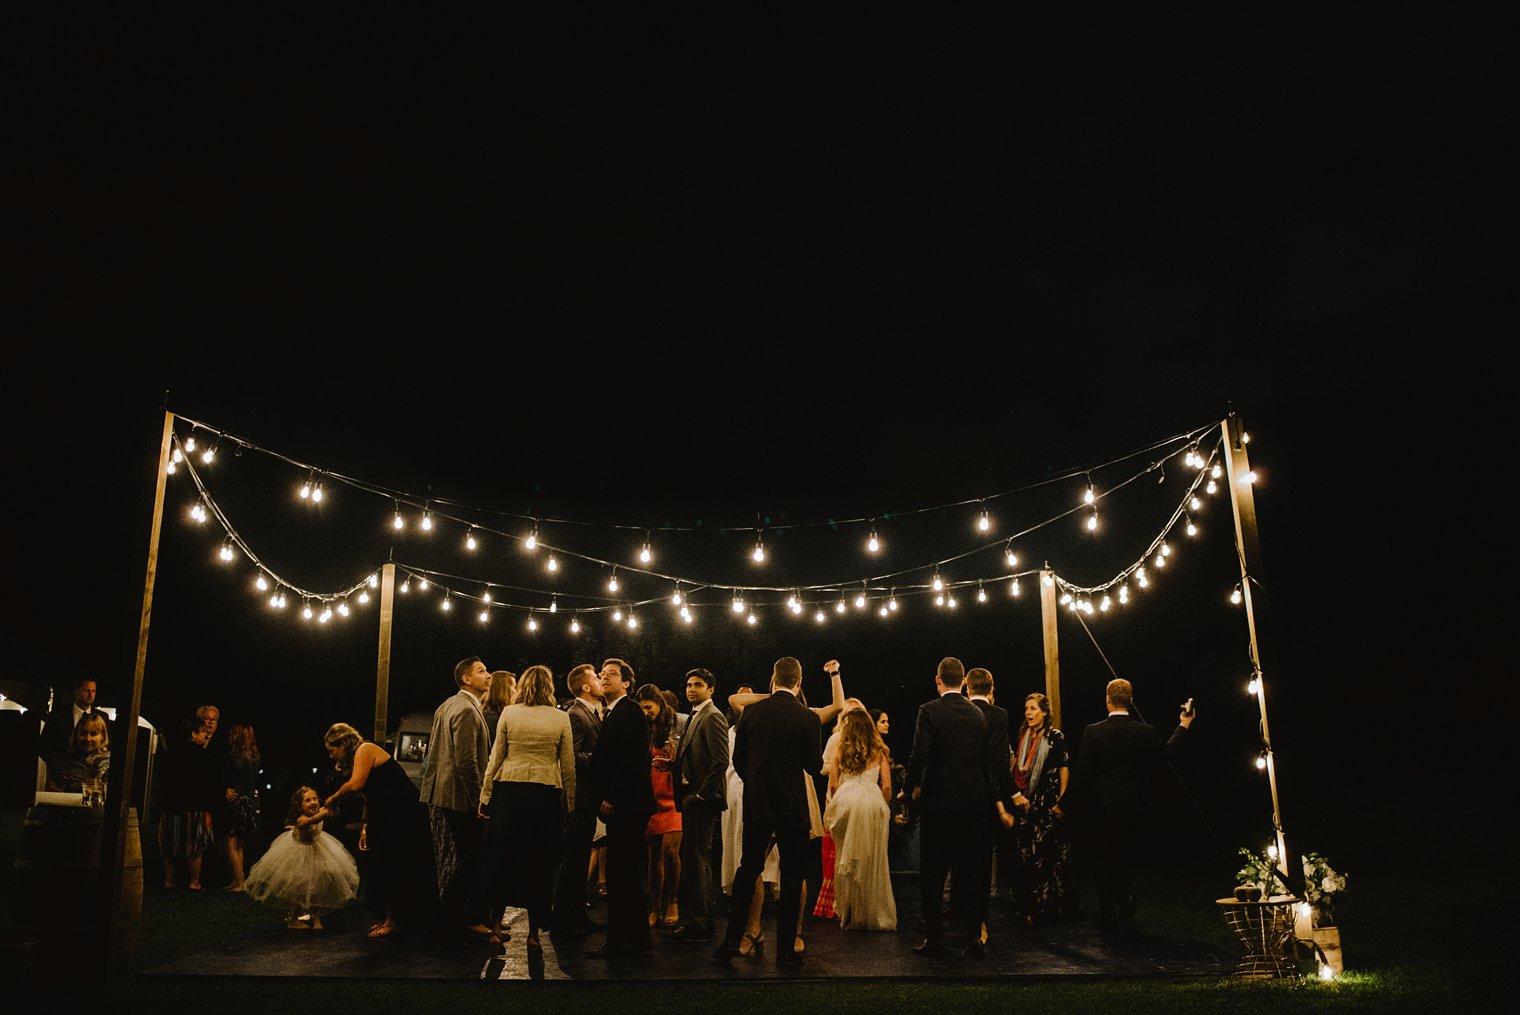 outdoor dance floor with globe lights